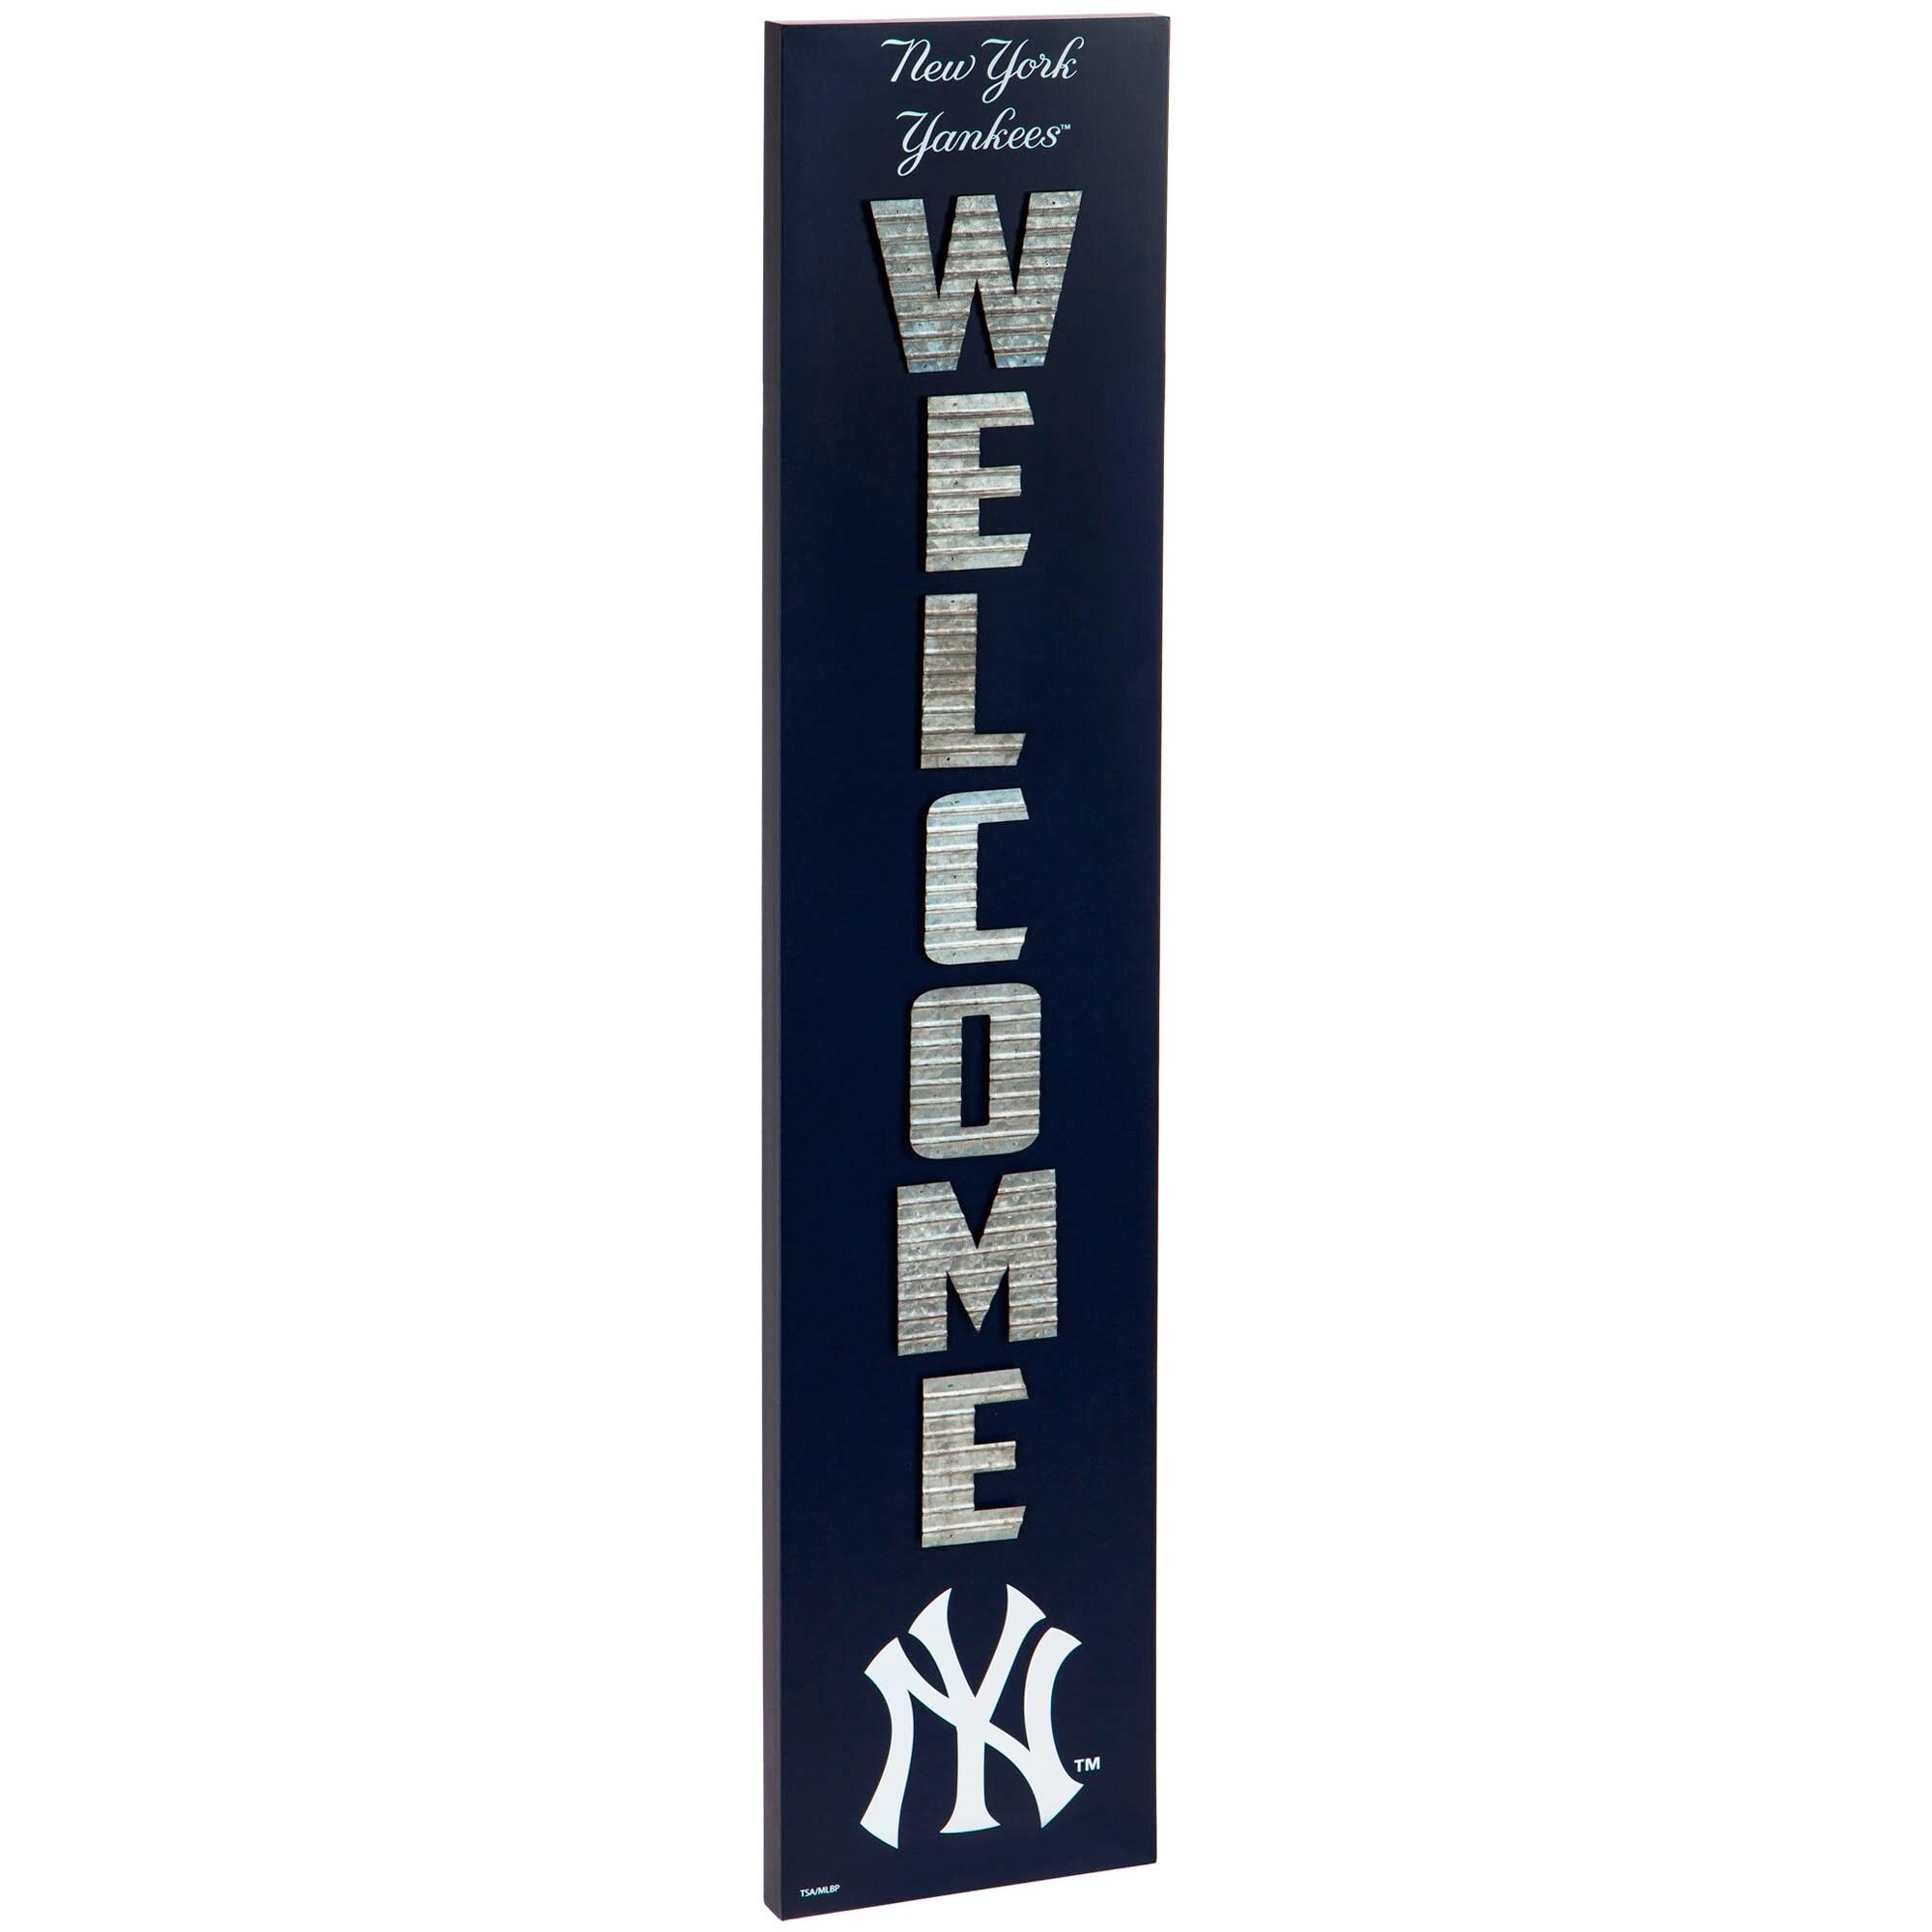 New York Yankees Porch Leaner